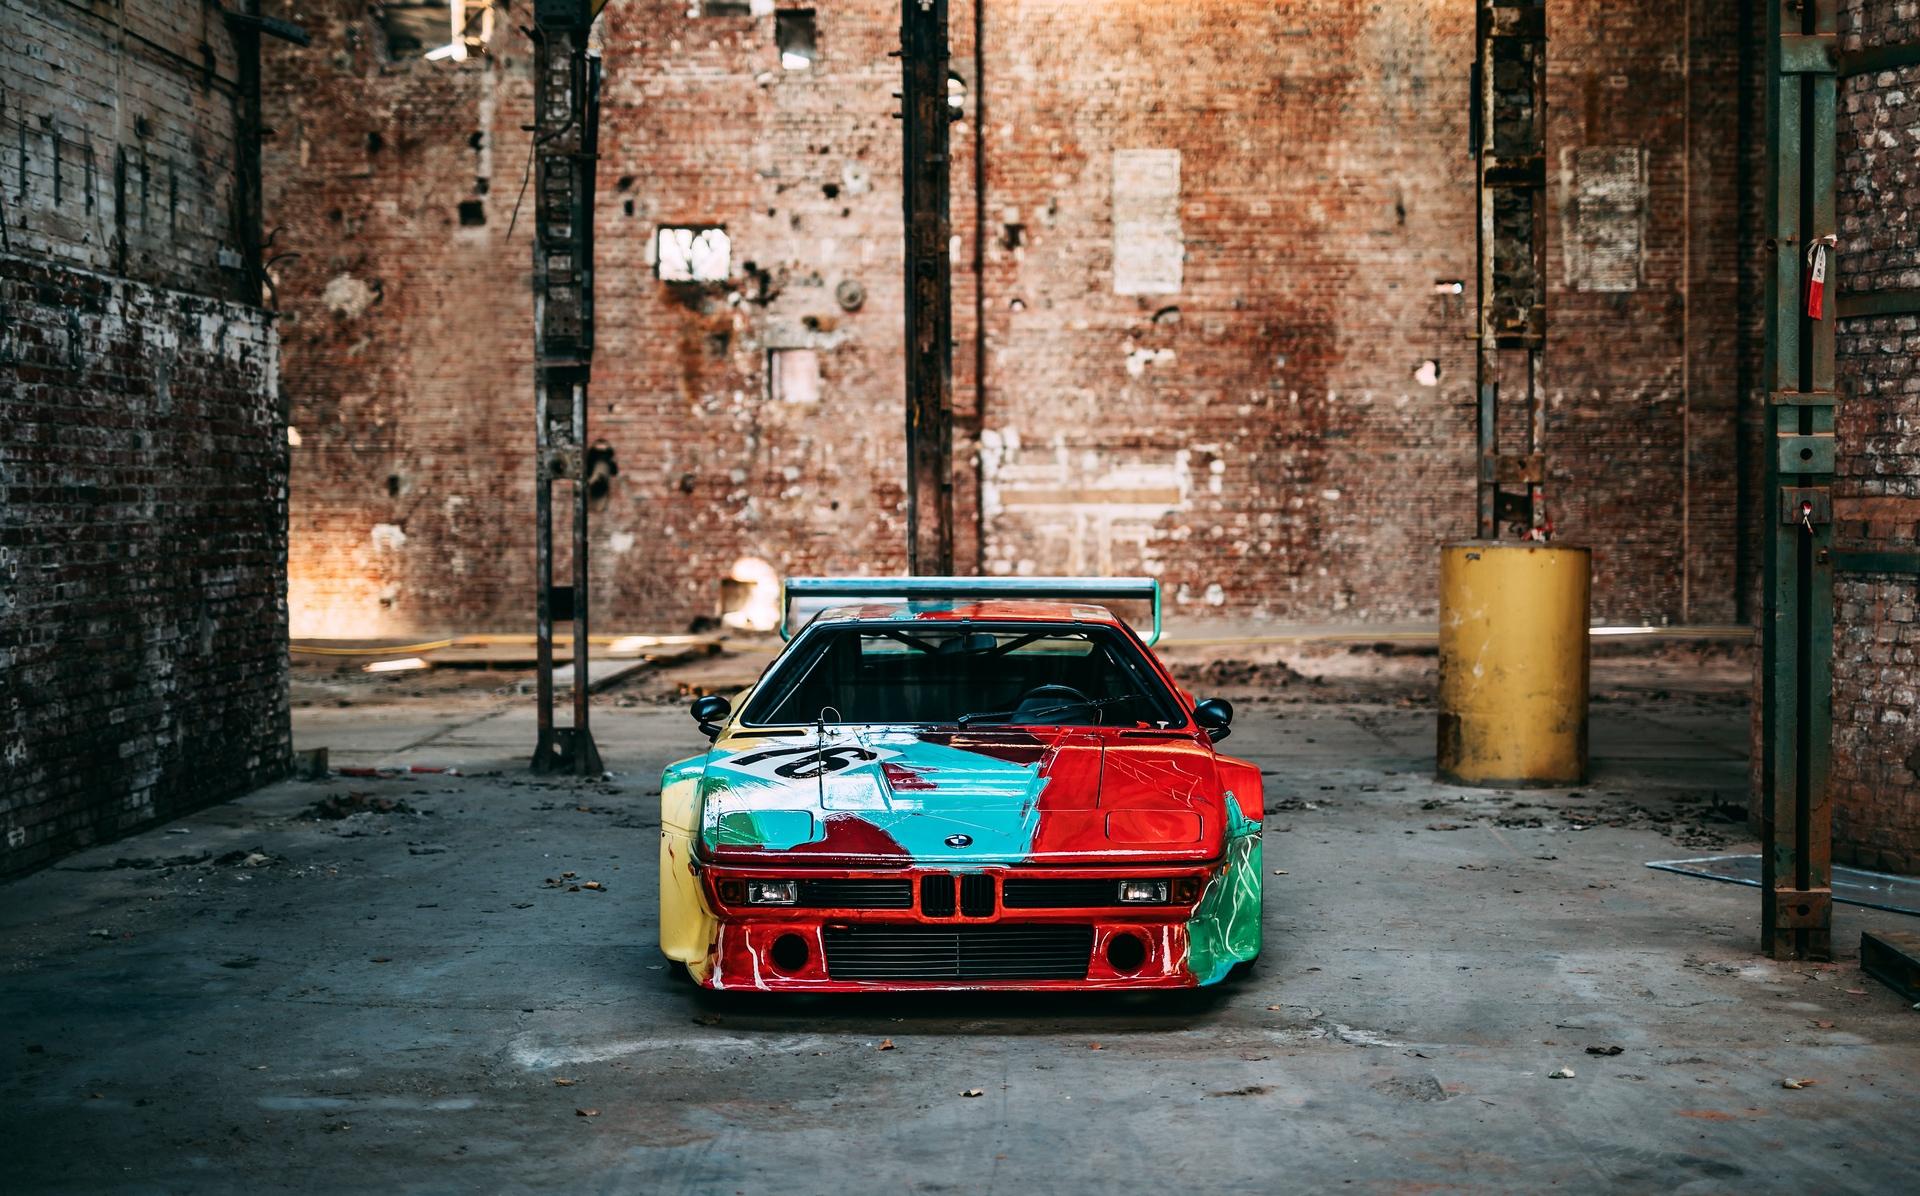 BMW_M1_Art_Car_by_Andy_Warhol_0002